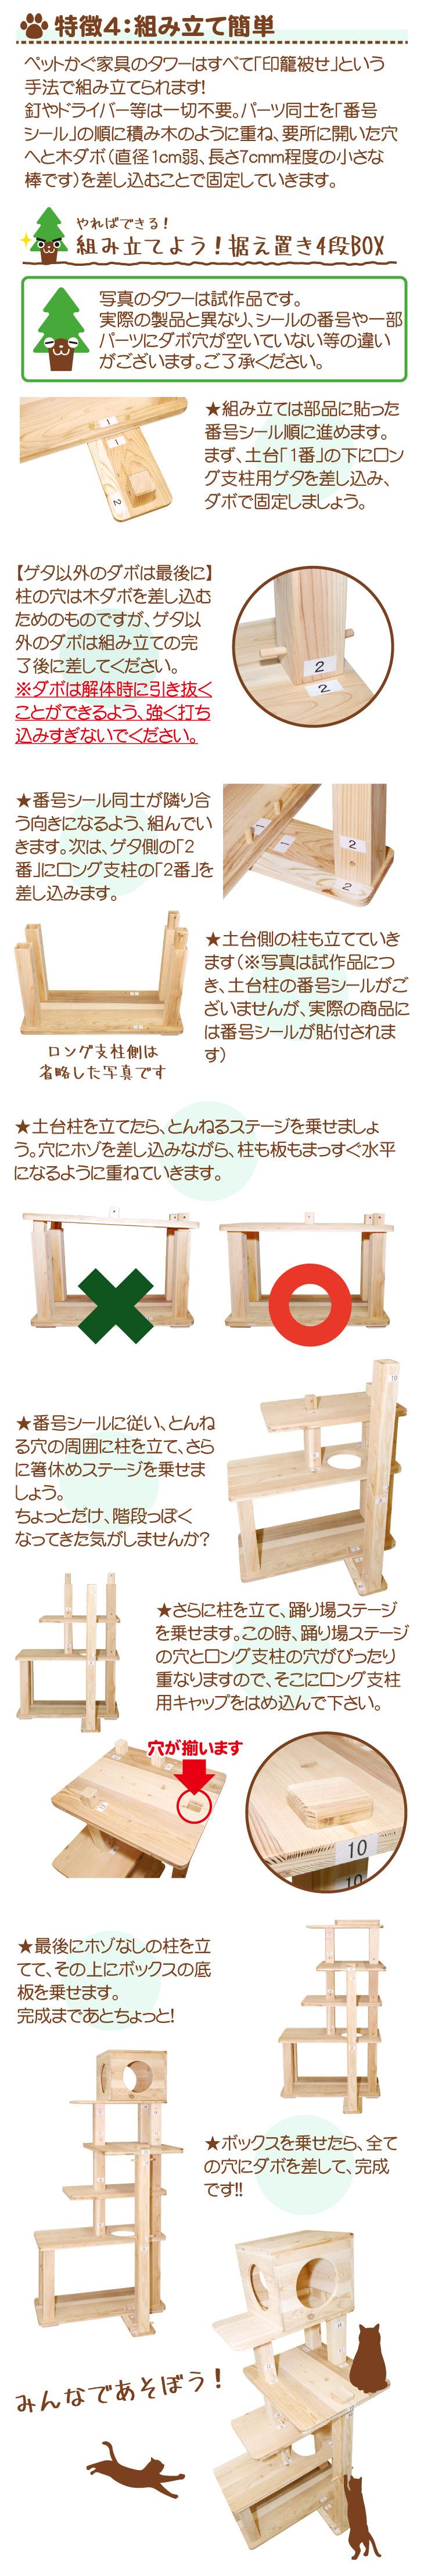 4段BOX組み立て方